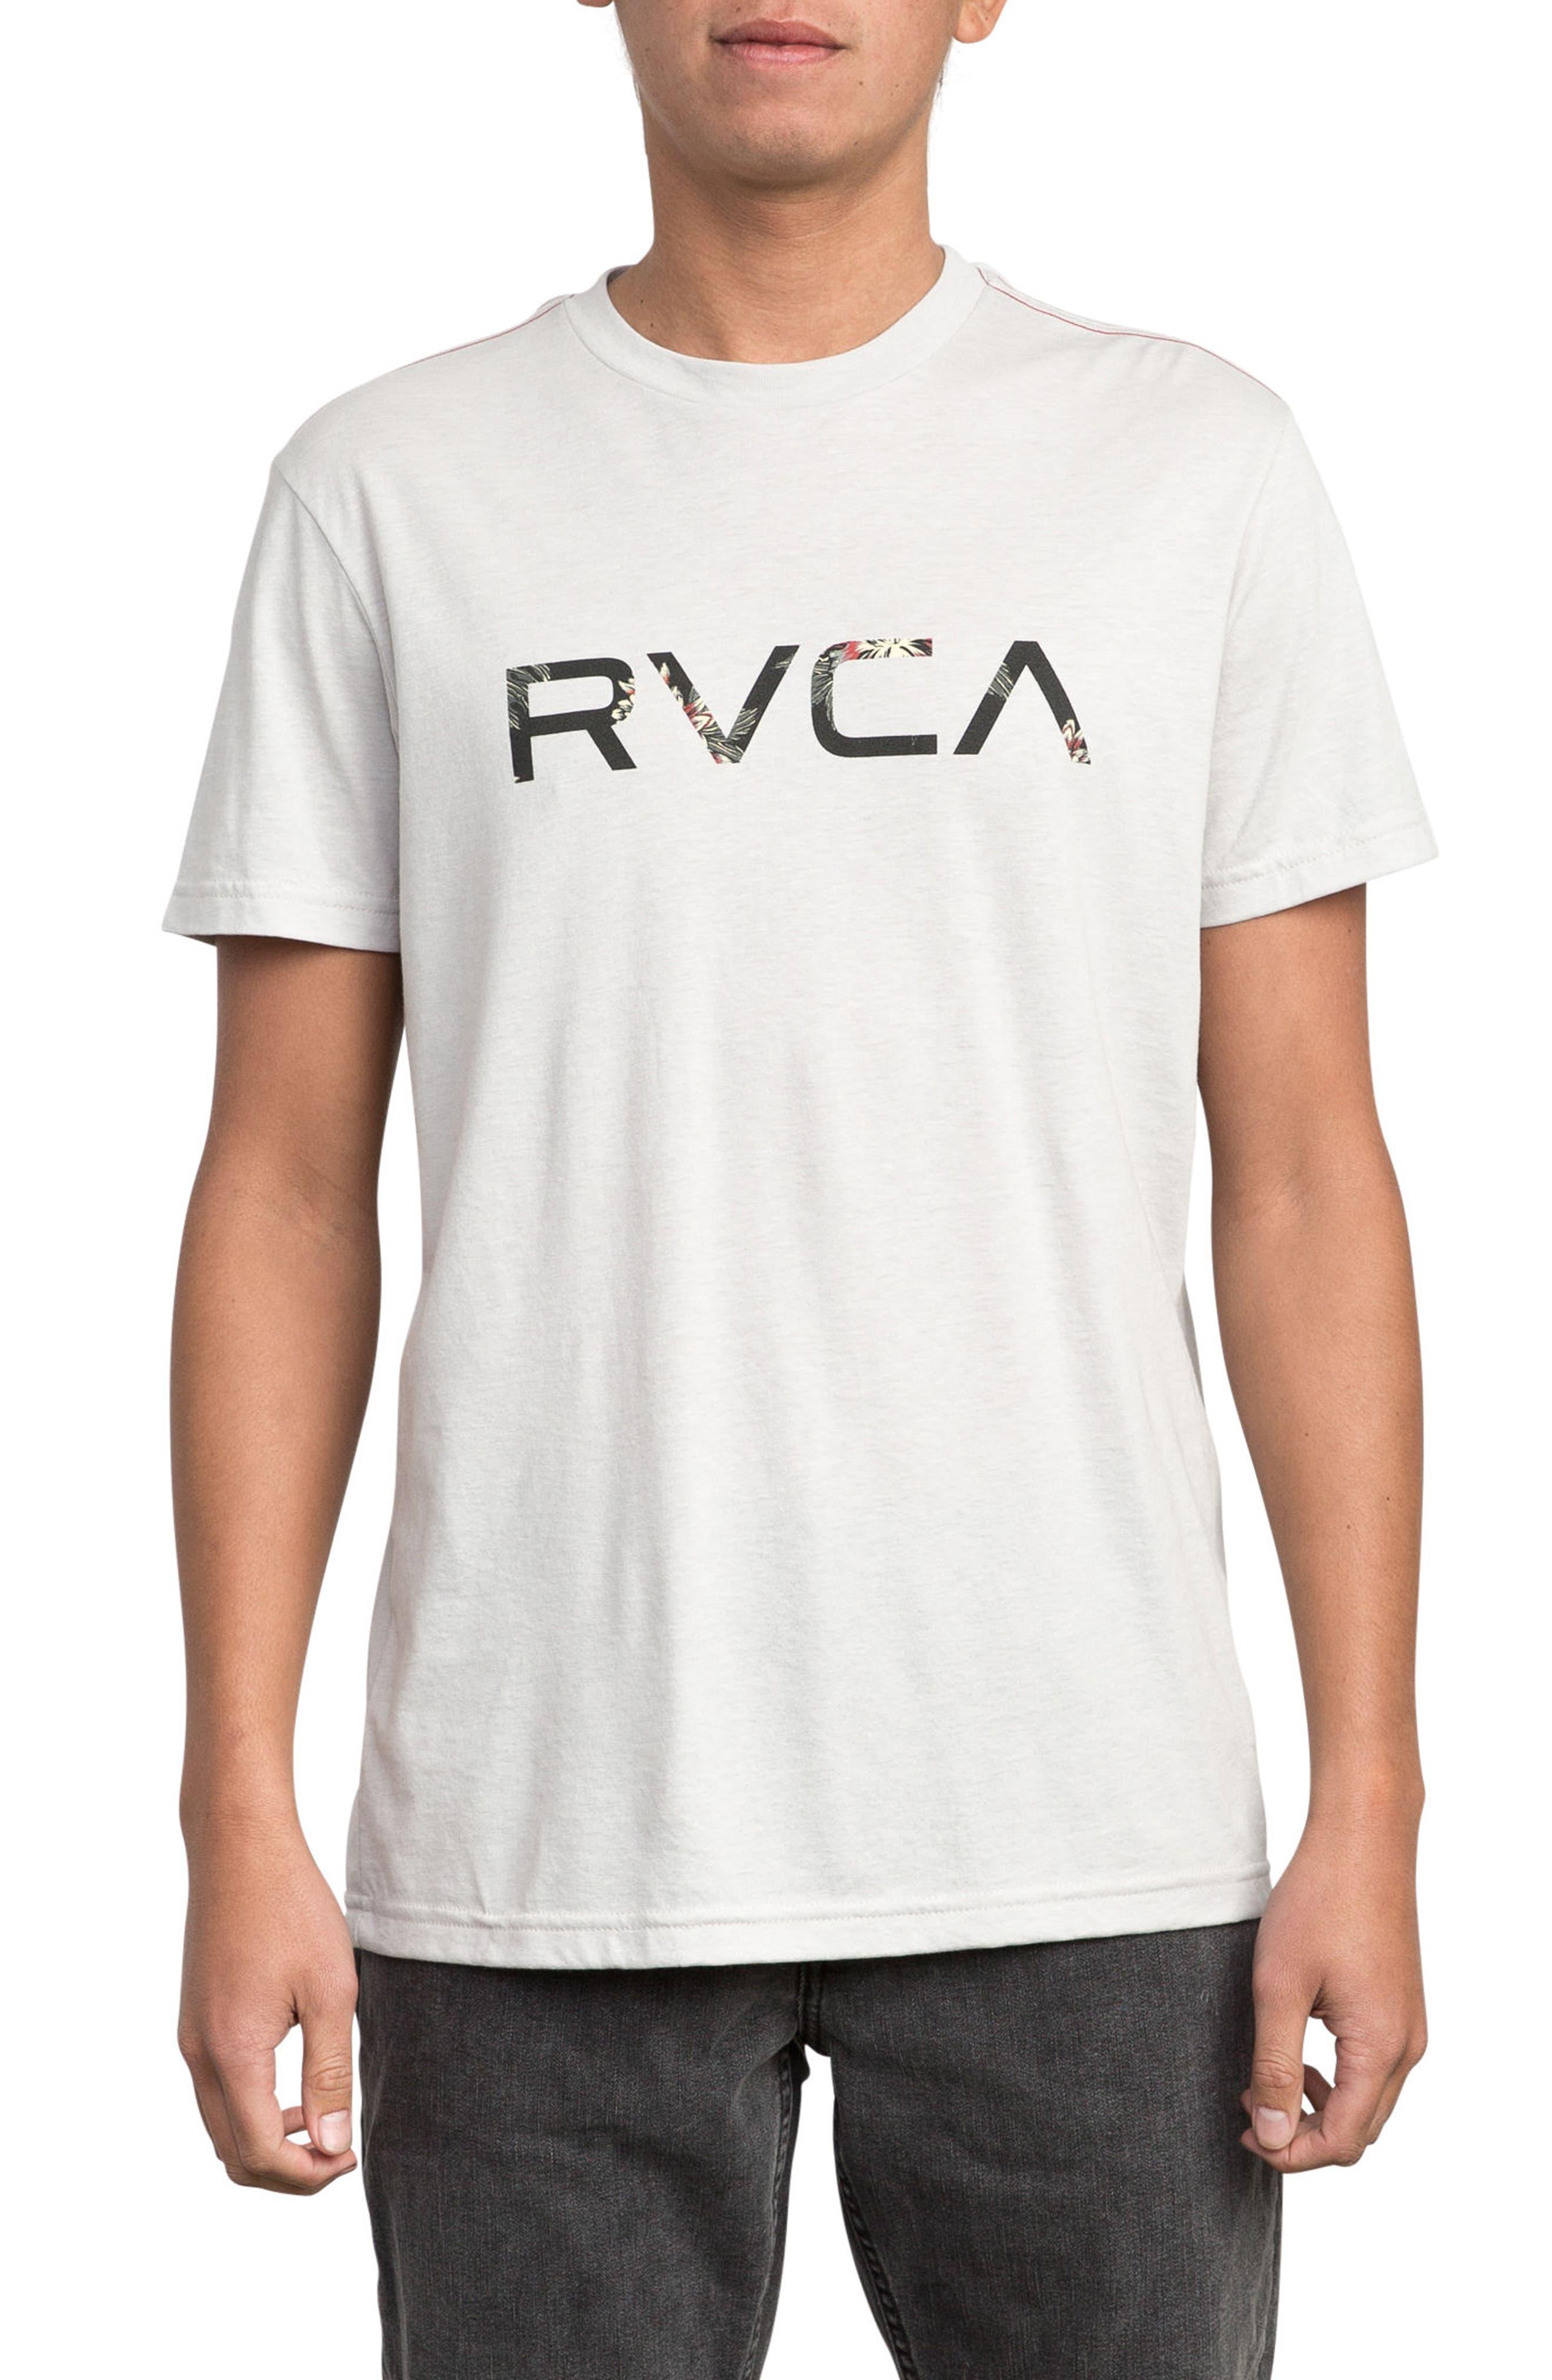 McFloral T-Shirt,                             Main thumbnail 1, color,                             WARM GREY